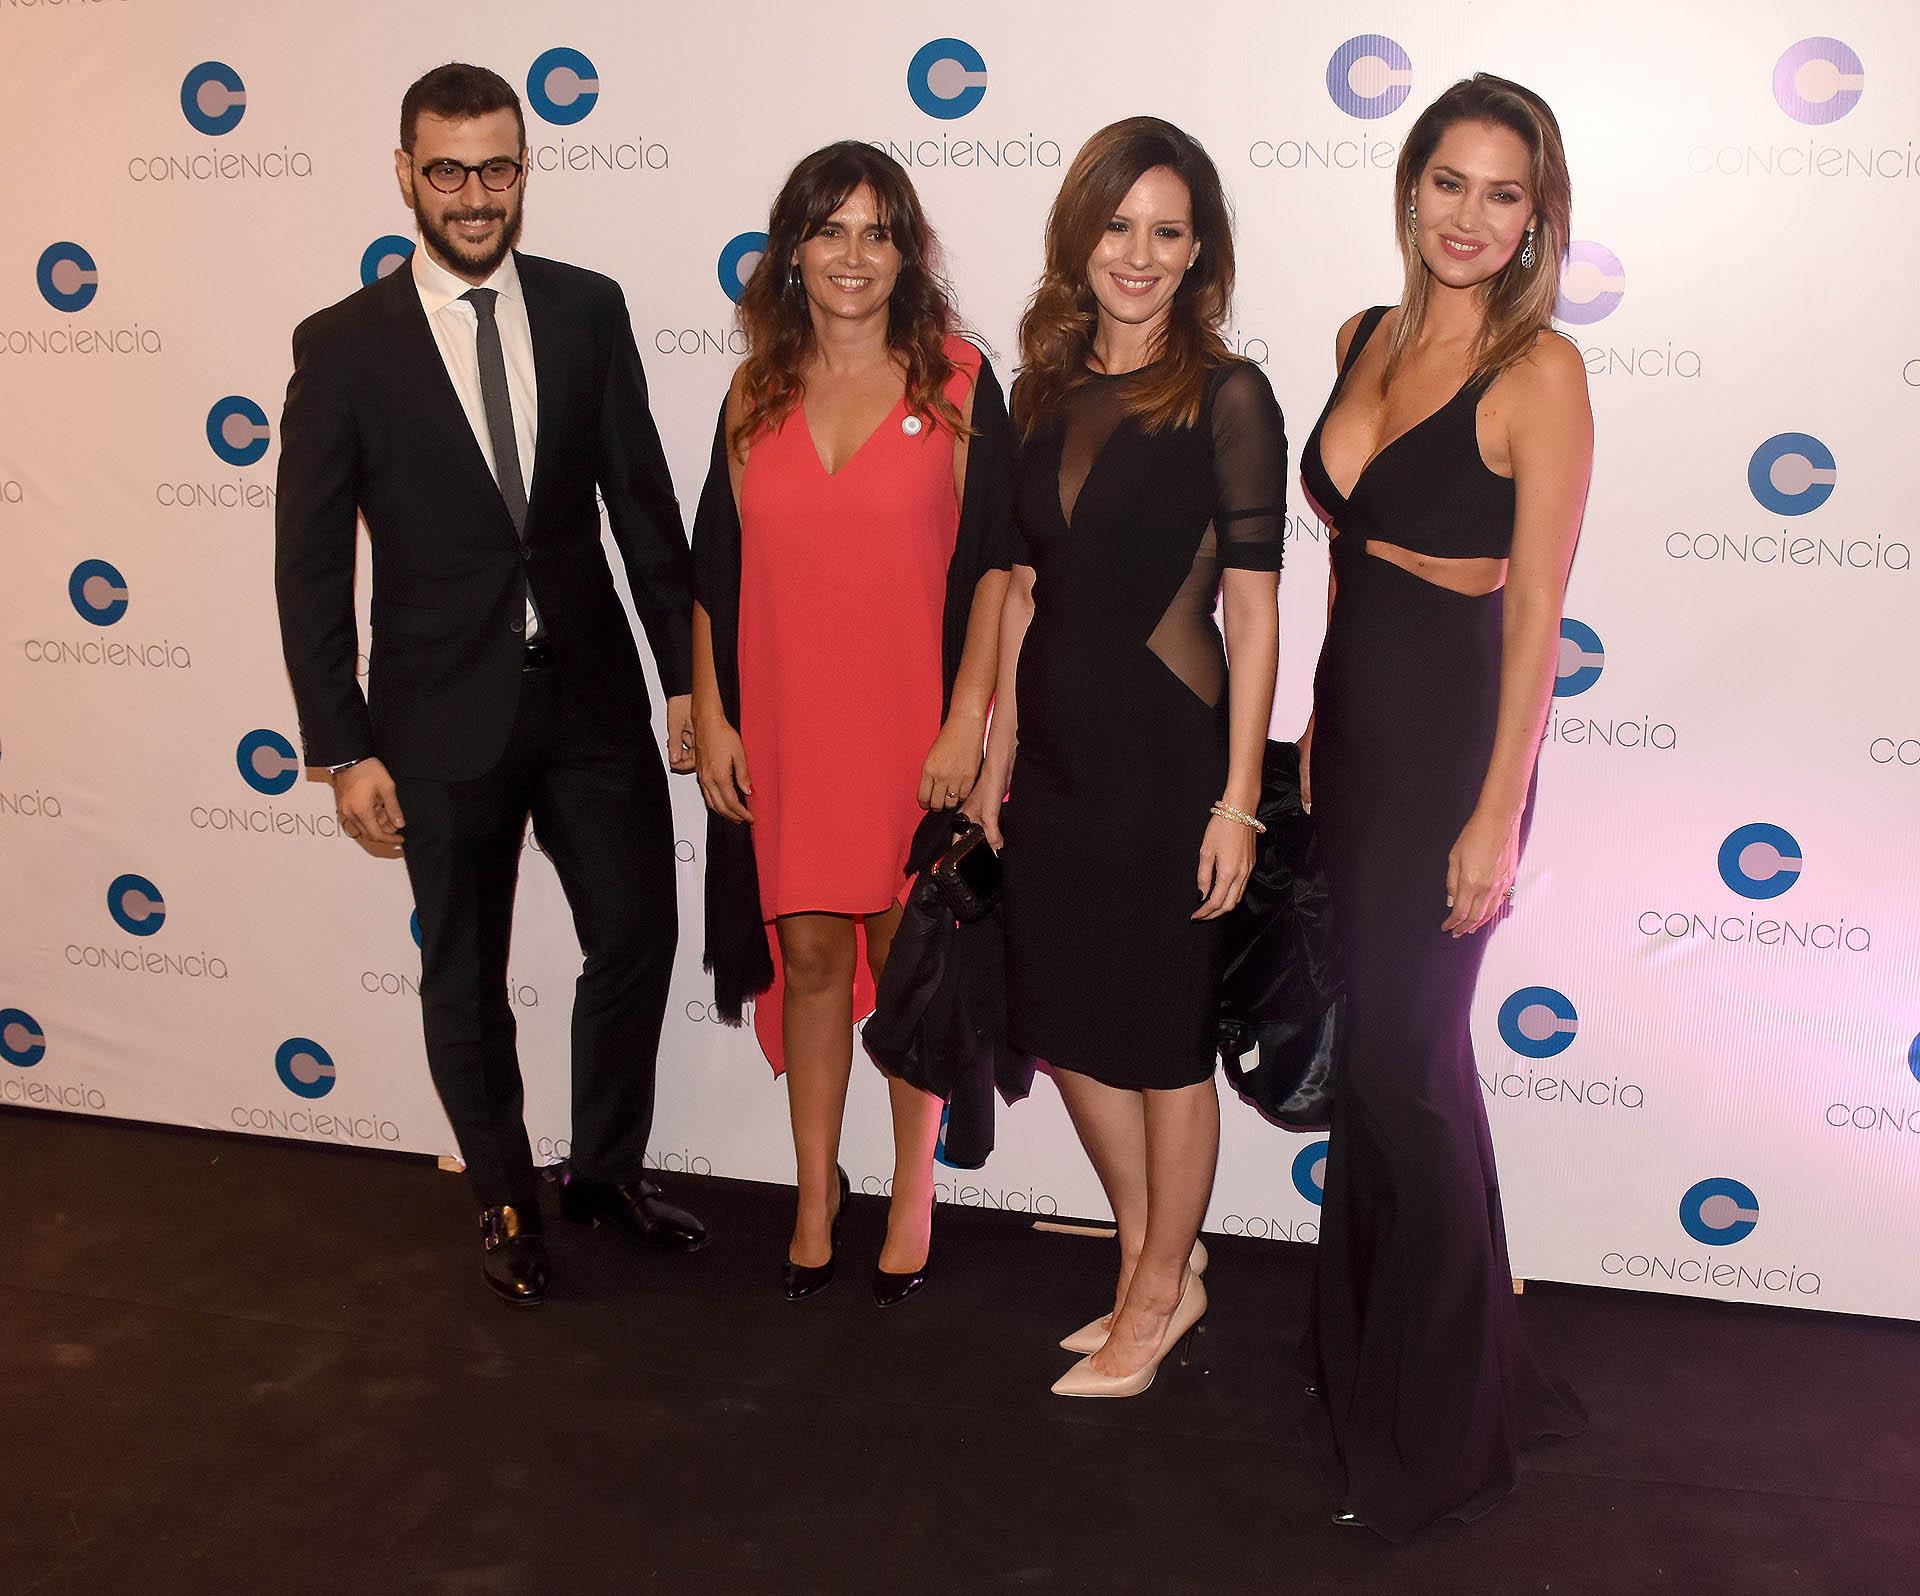 Diego Leuco, Beby Lacroze, Soledad Larghi y Carolina Losada